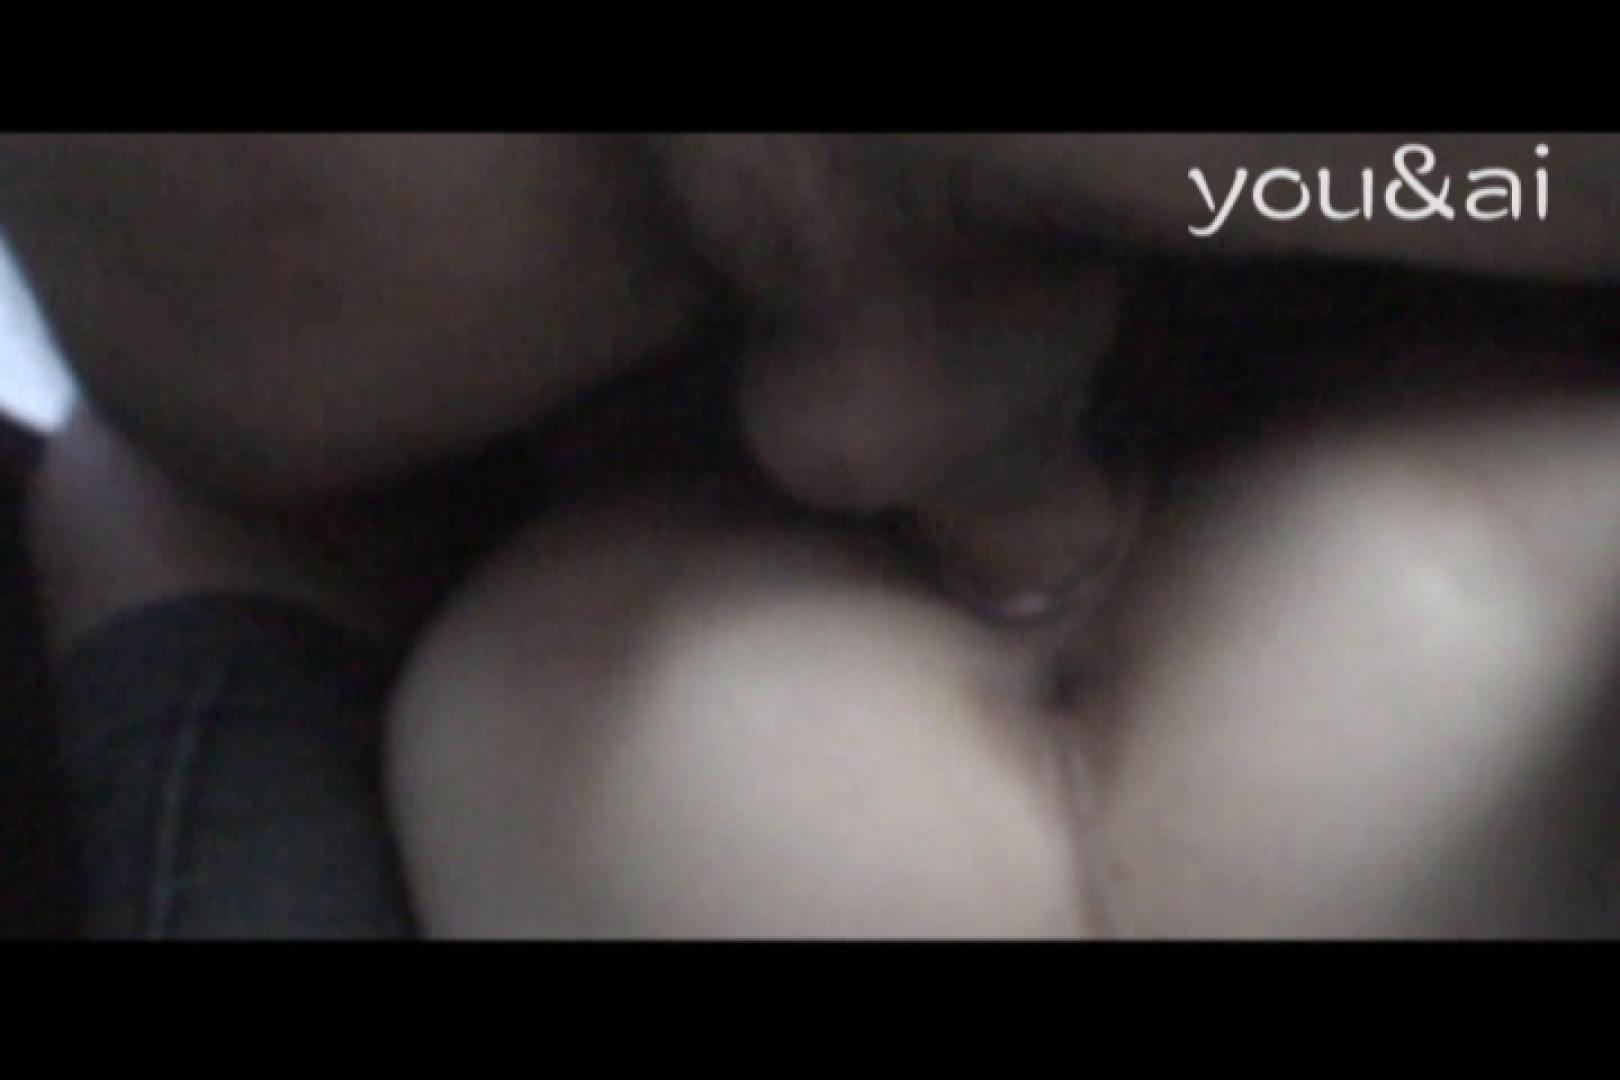 おしどり夫婦のyou&aiさん投稿作品vol.8 投稿 オマンコ動画キャプチャ 112pic 53